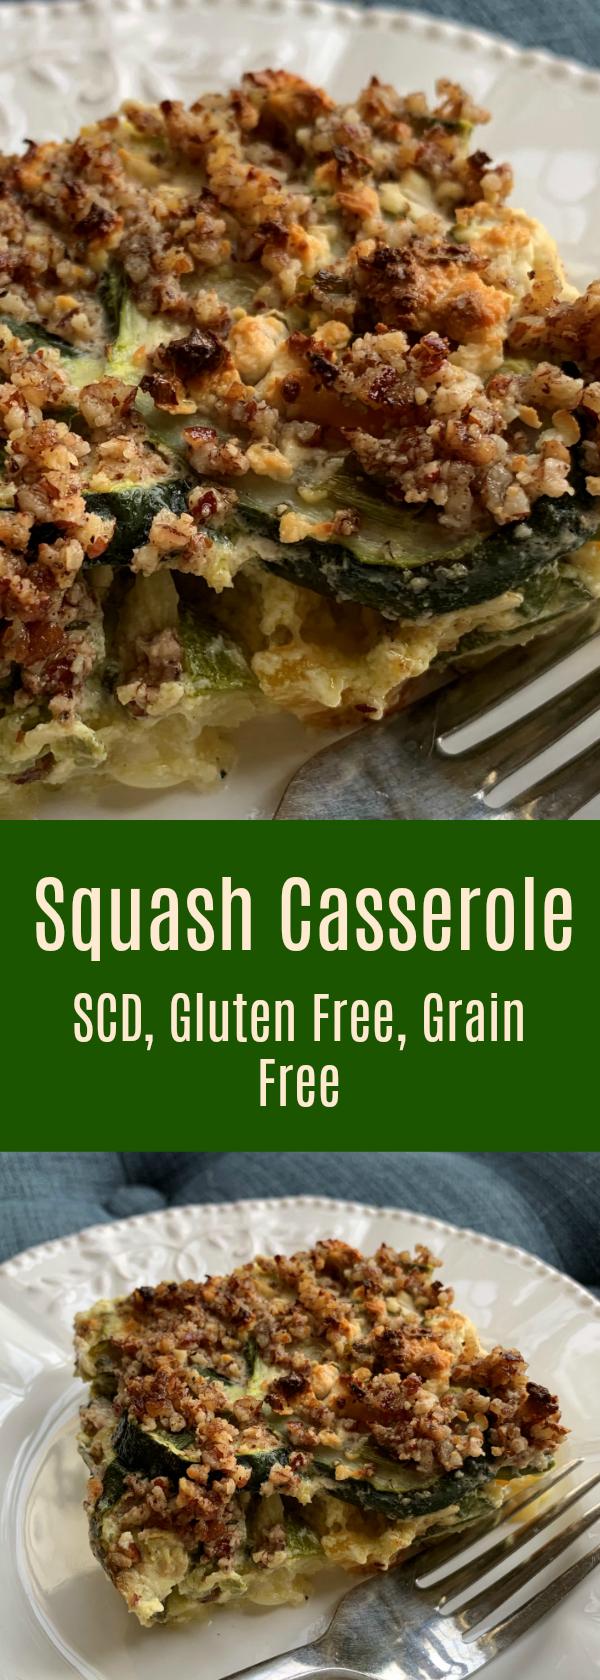 Squash Casserole, Gluten and Grain Free, SCD